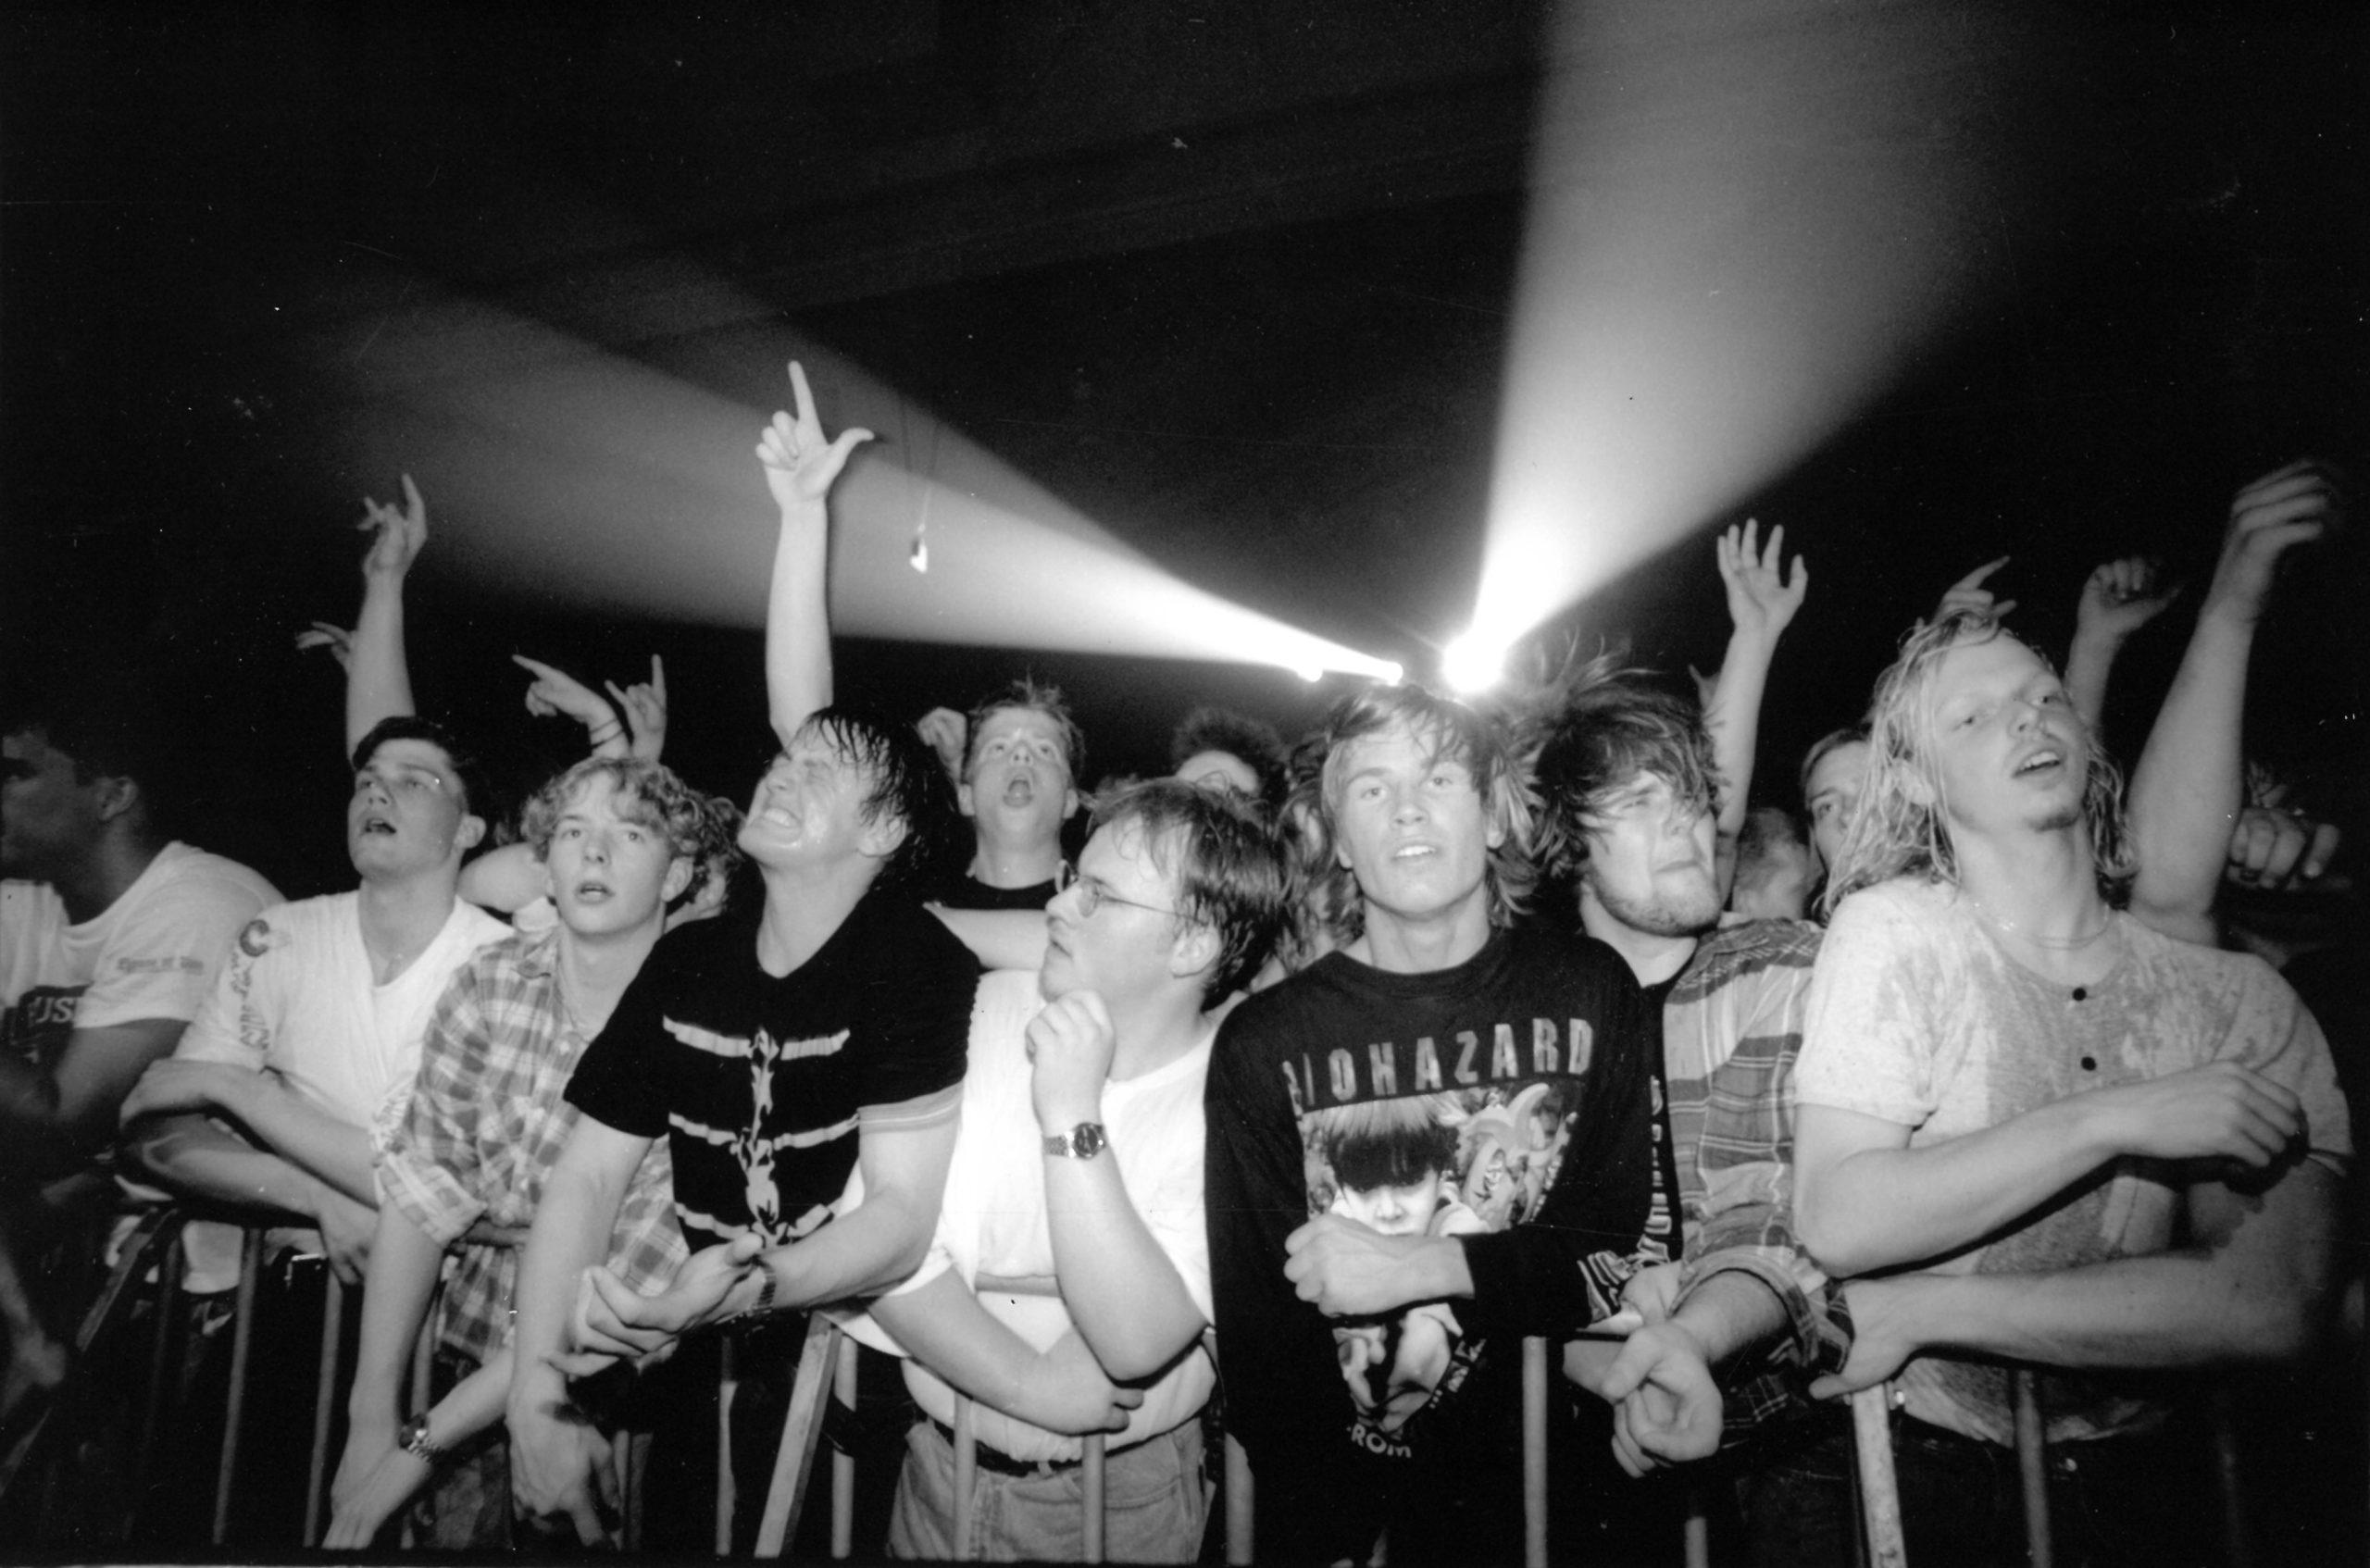 Udstillingsreception: Mit livs koncert i Fredericia